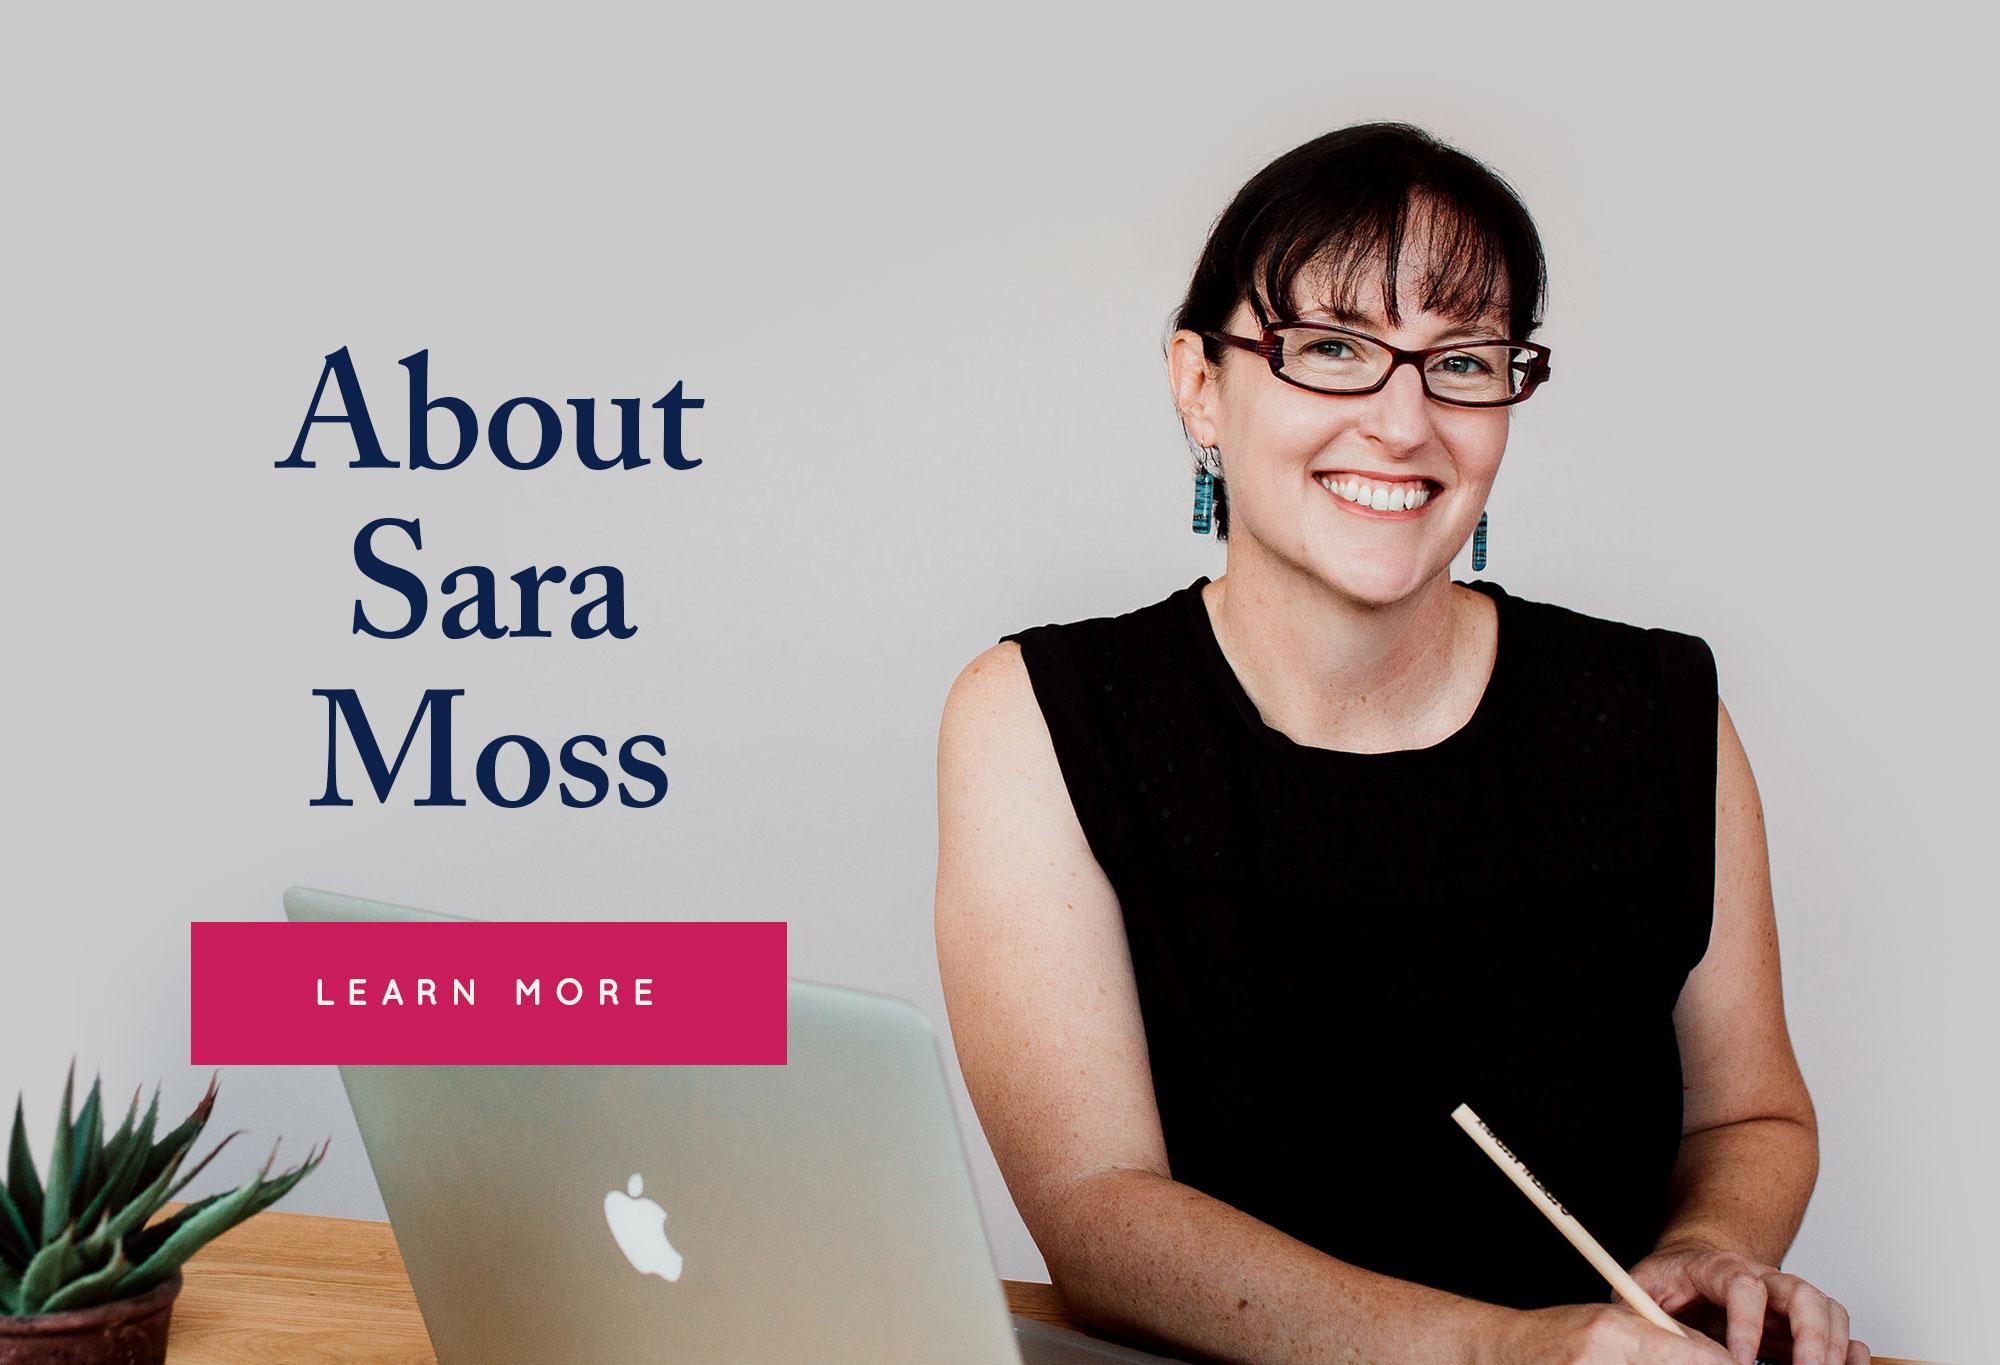 About Sara Moss